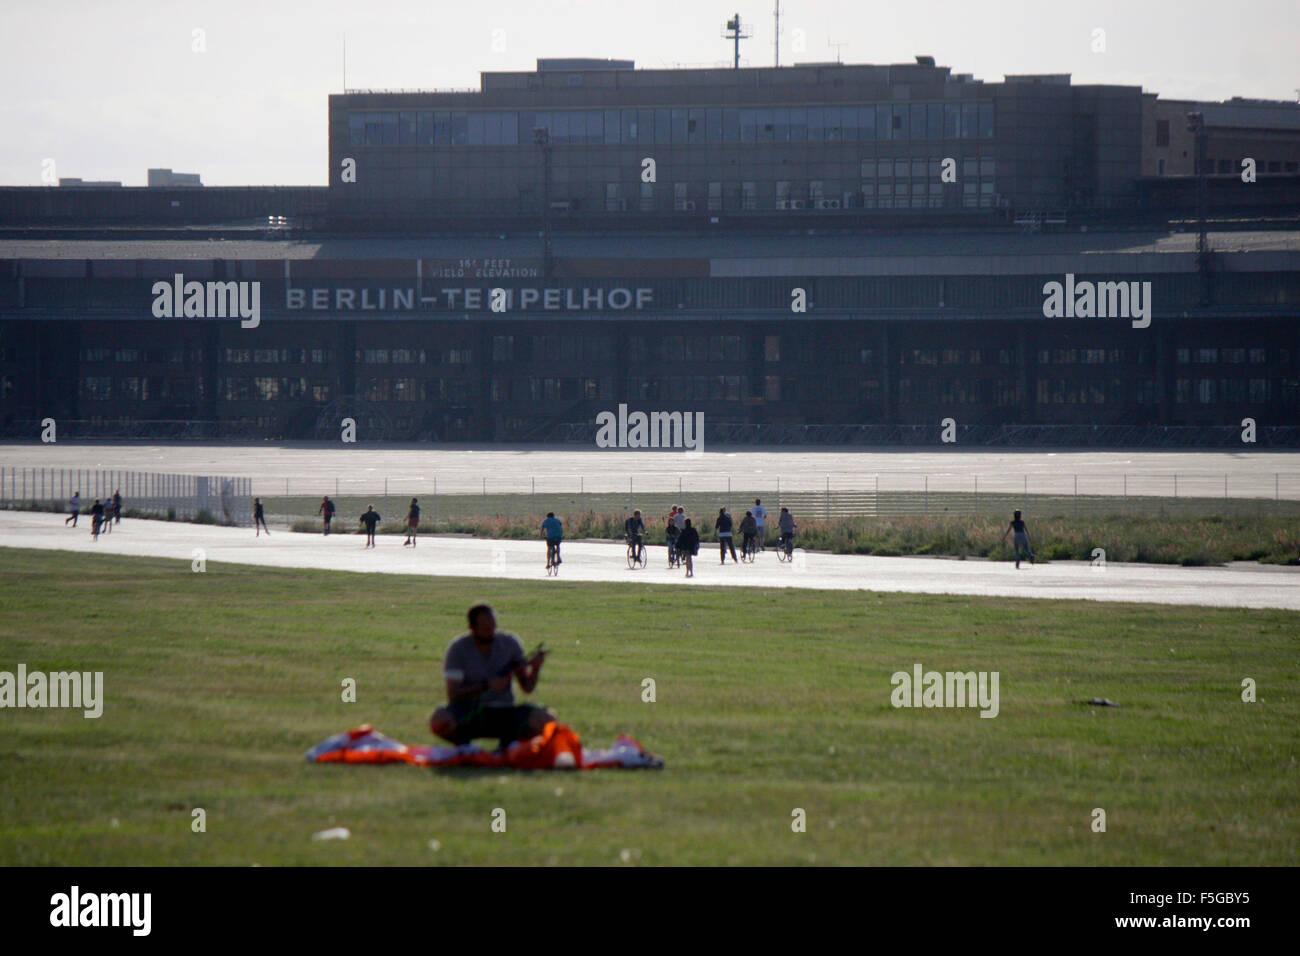 Impressionen: Tempelhofer Feld auf dem Gelaende des frueheren Flughafen Tempelhof, Berlin-Tempelhof. - Stock Image